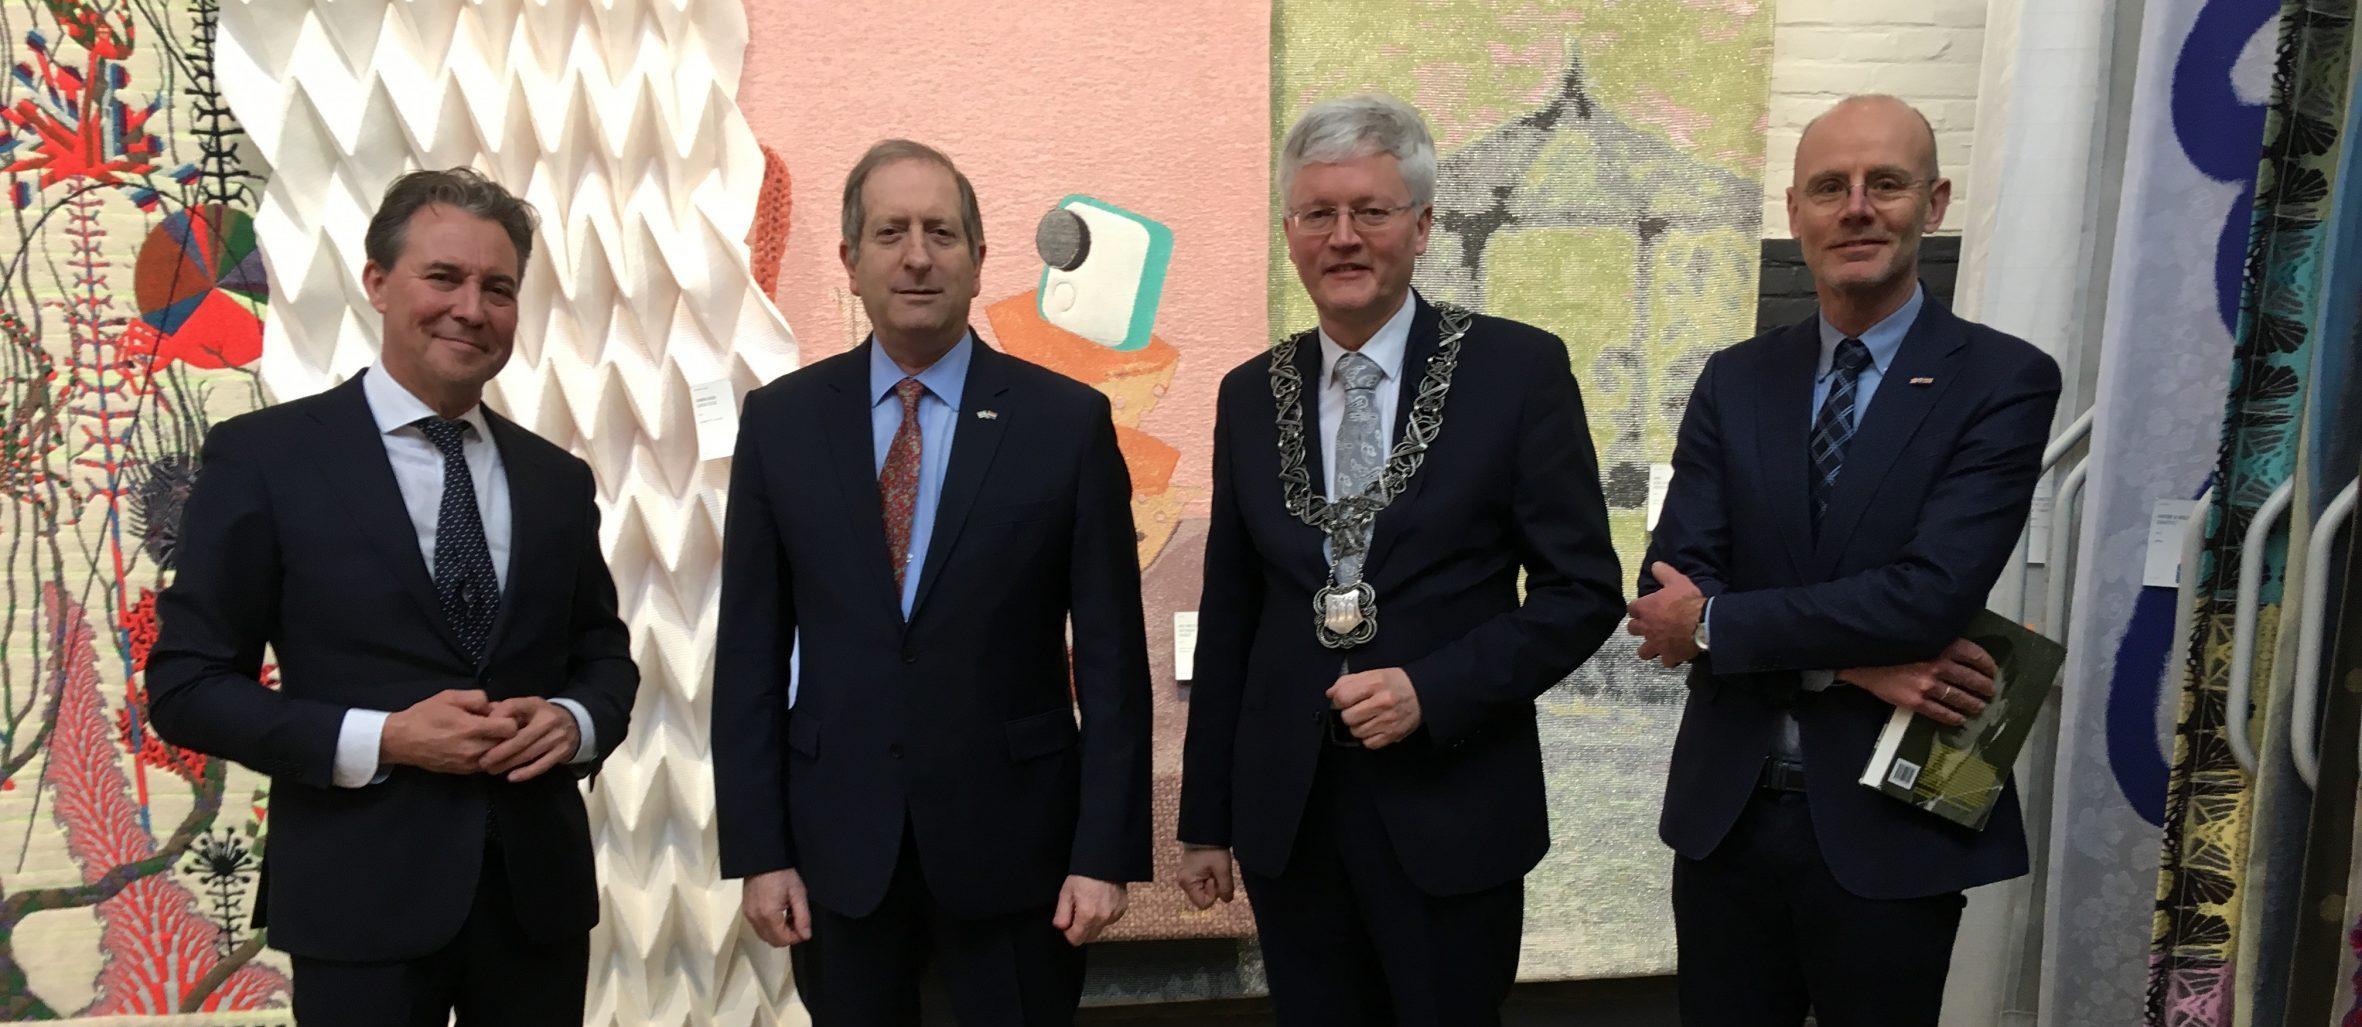 Ambassadeur van Israel met o.a. burgemeester Theo Weterings